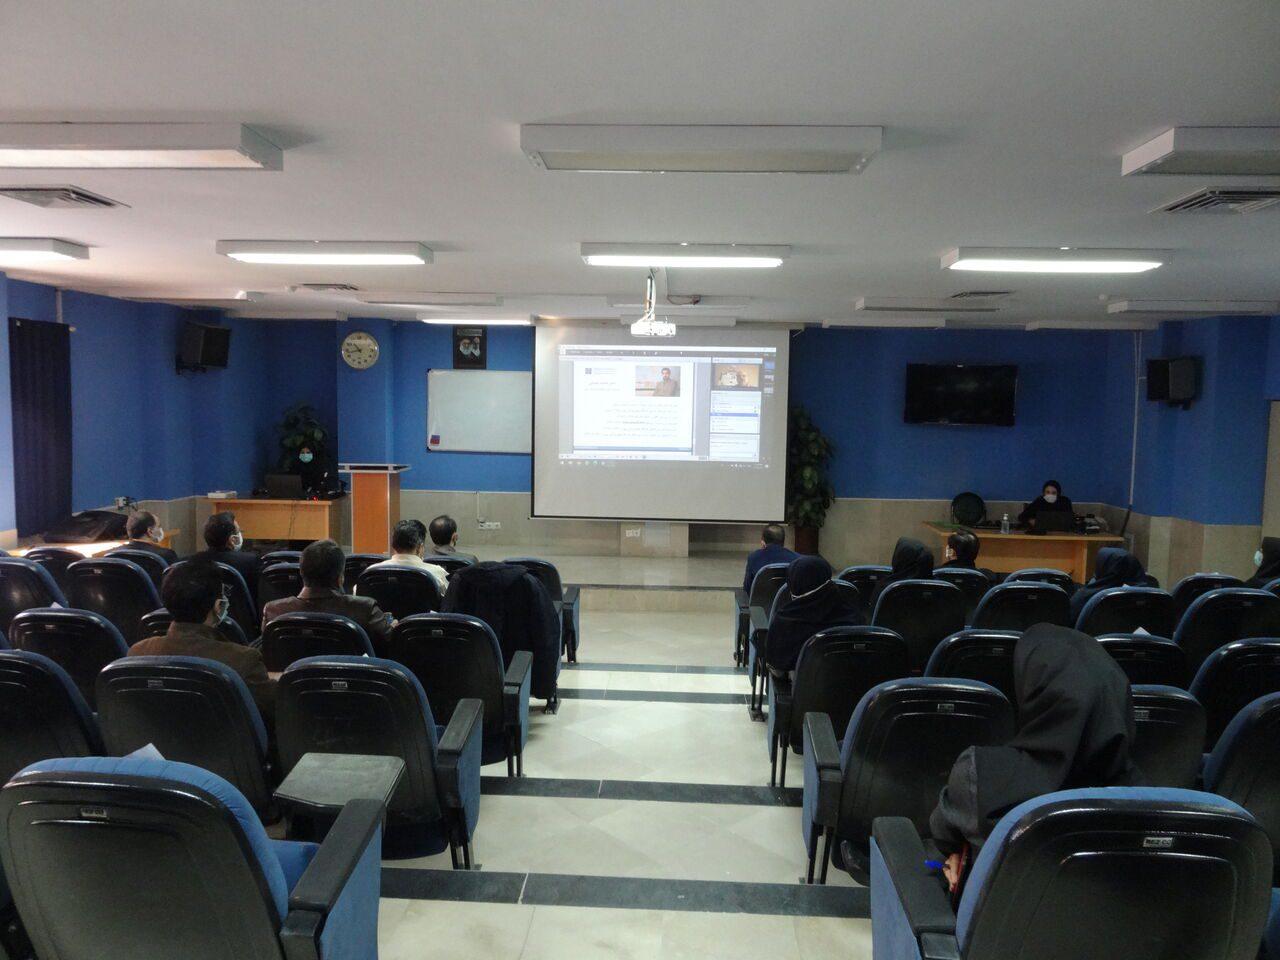 پذیرش دانشجو در دانشگاه علمی کاربردی لرستان آغاز شد